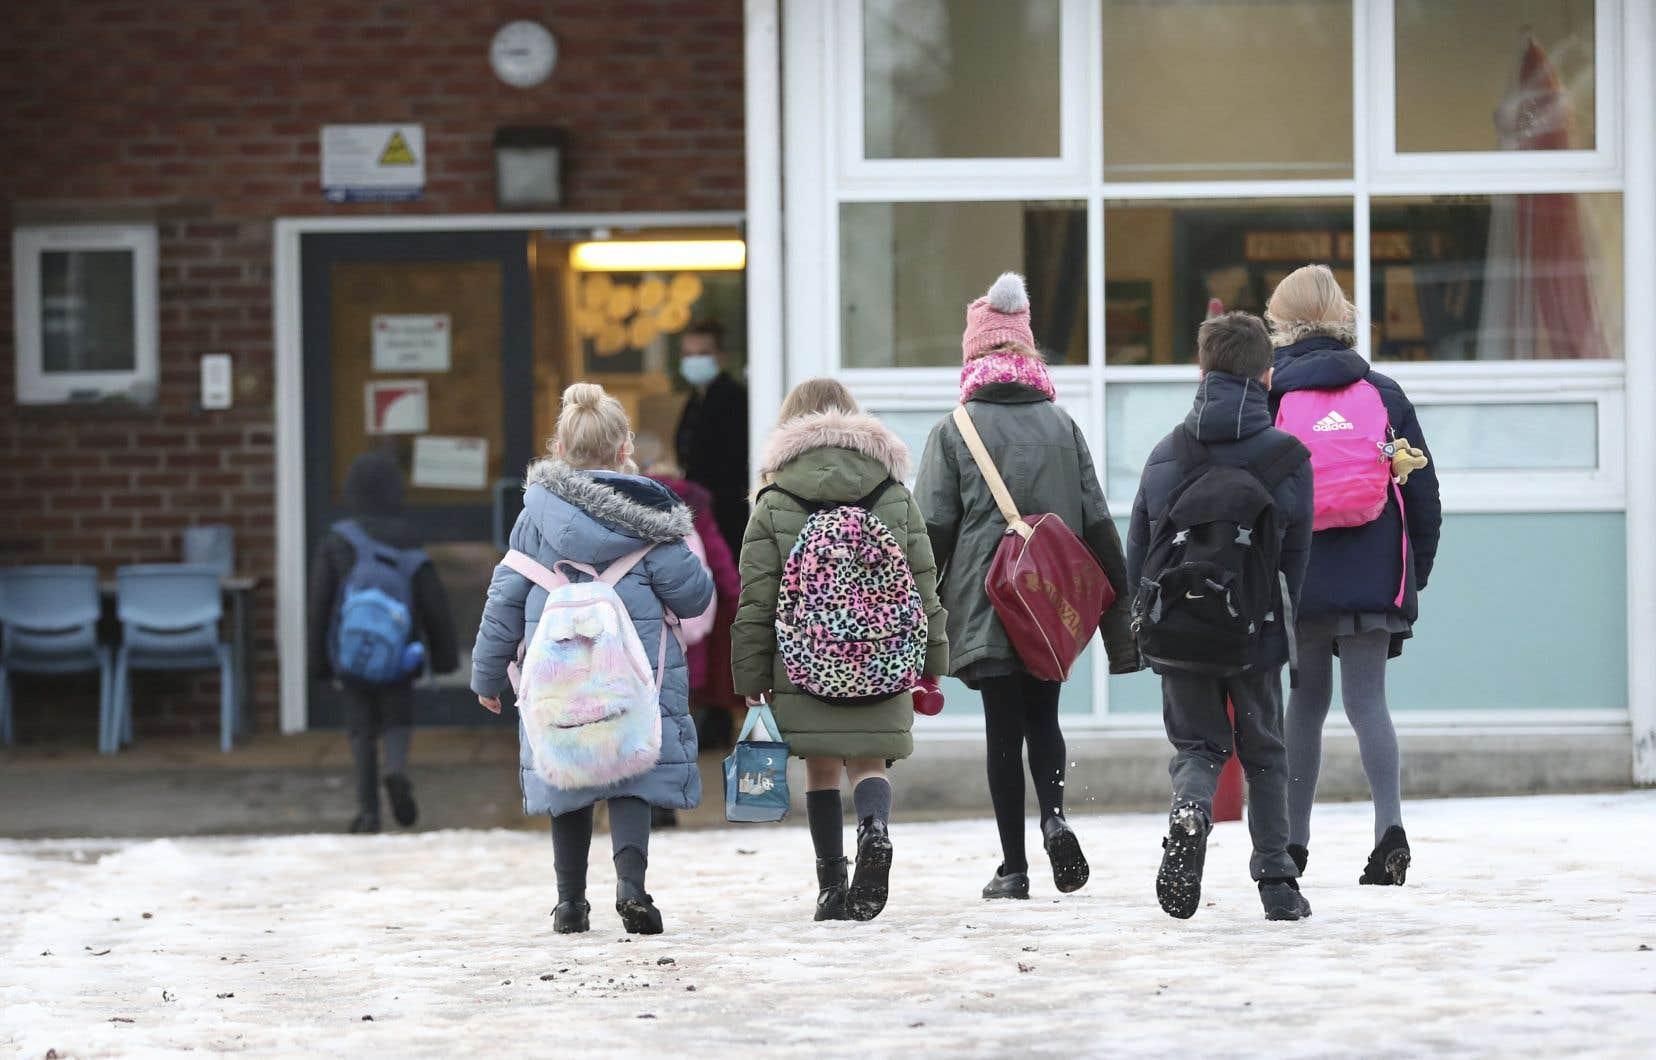 Le dossier de la ventilation dans les écoles sera à surveiller de près, selon Olivier Drouin, pédiatre et chercheur clinicien au CHU Sainte-Justine